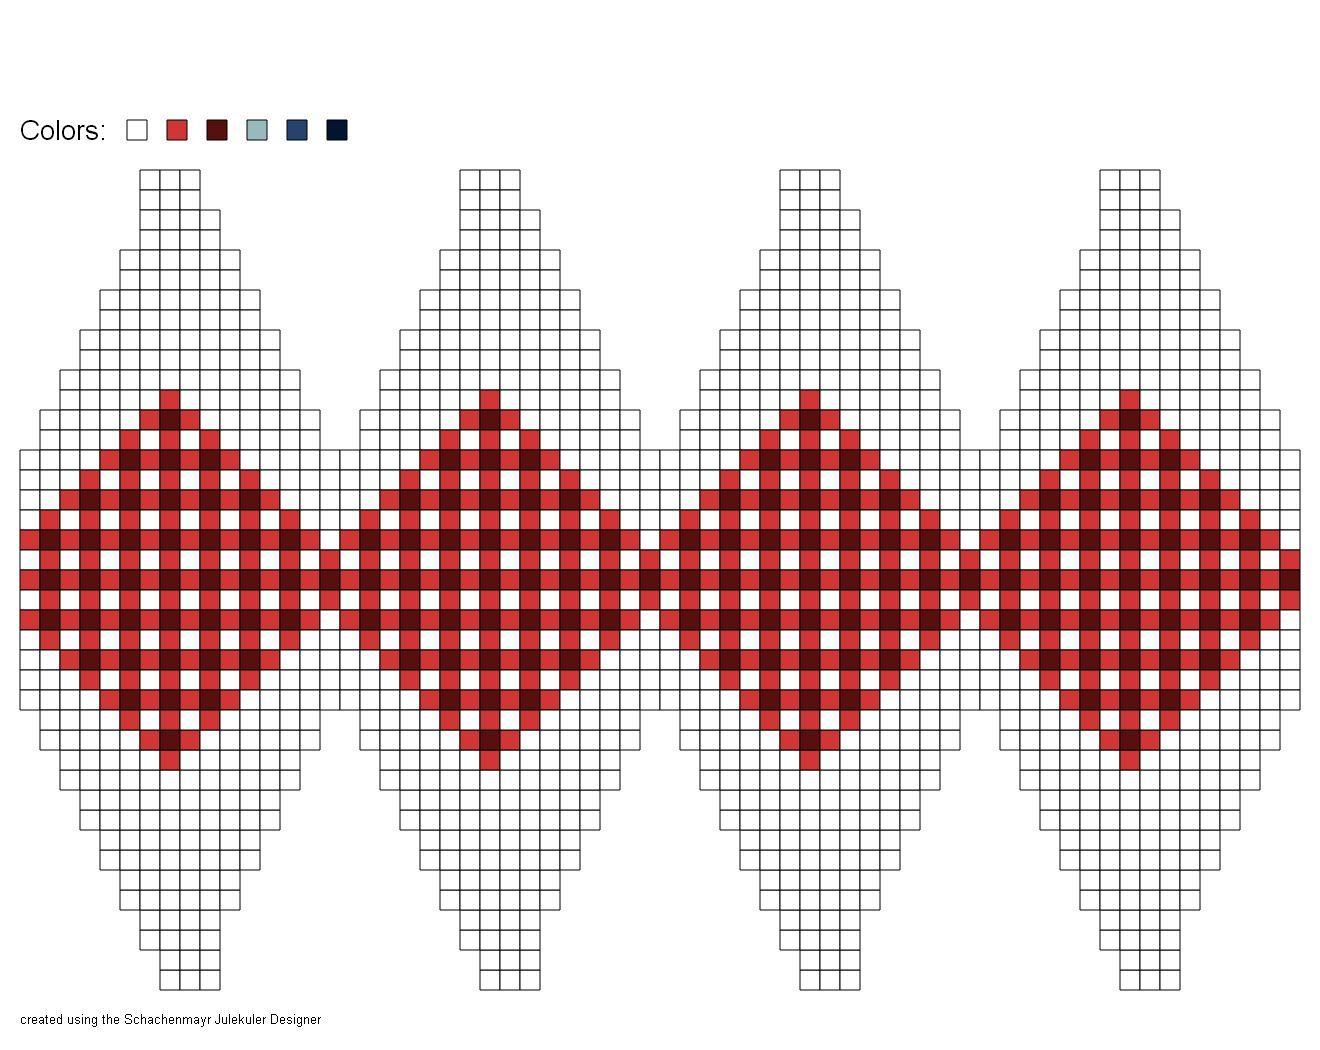 Christmas Knitting Ball, Julekuler Designer app | Kuulerid ...